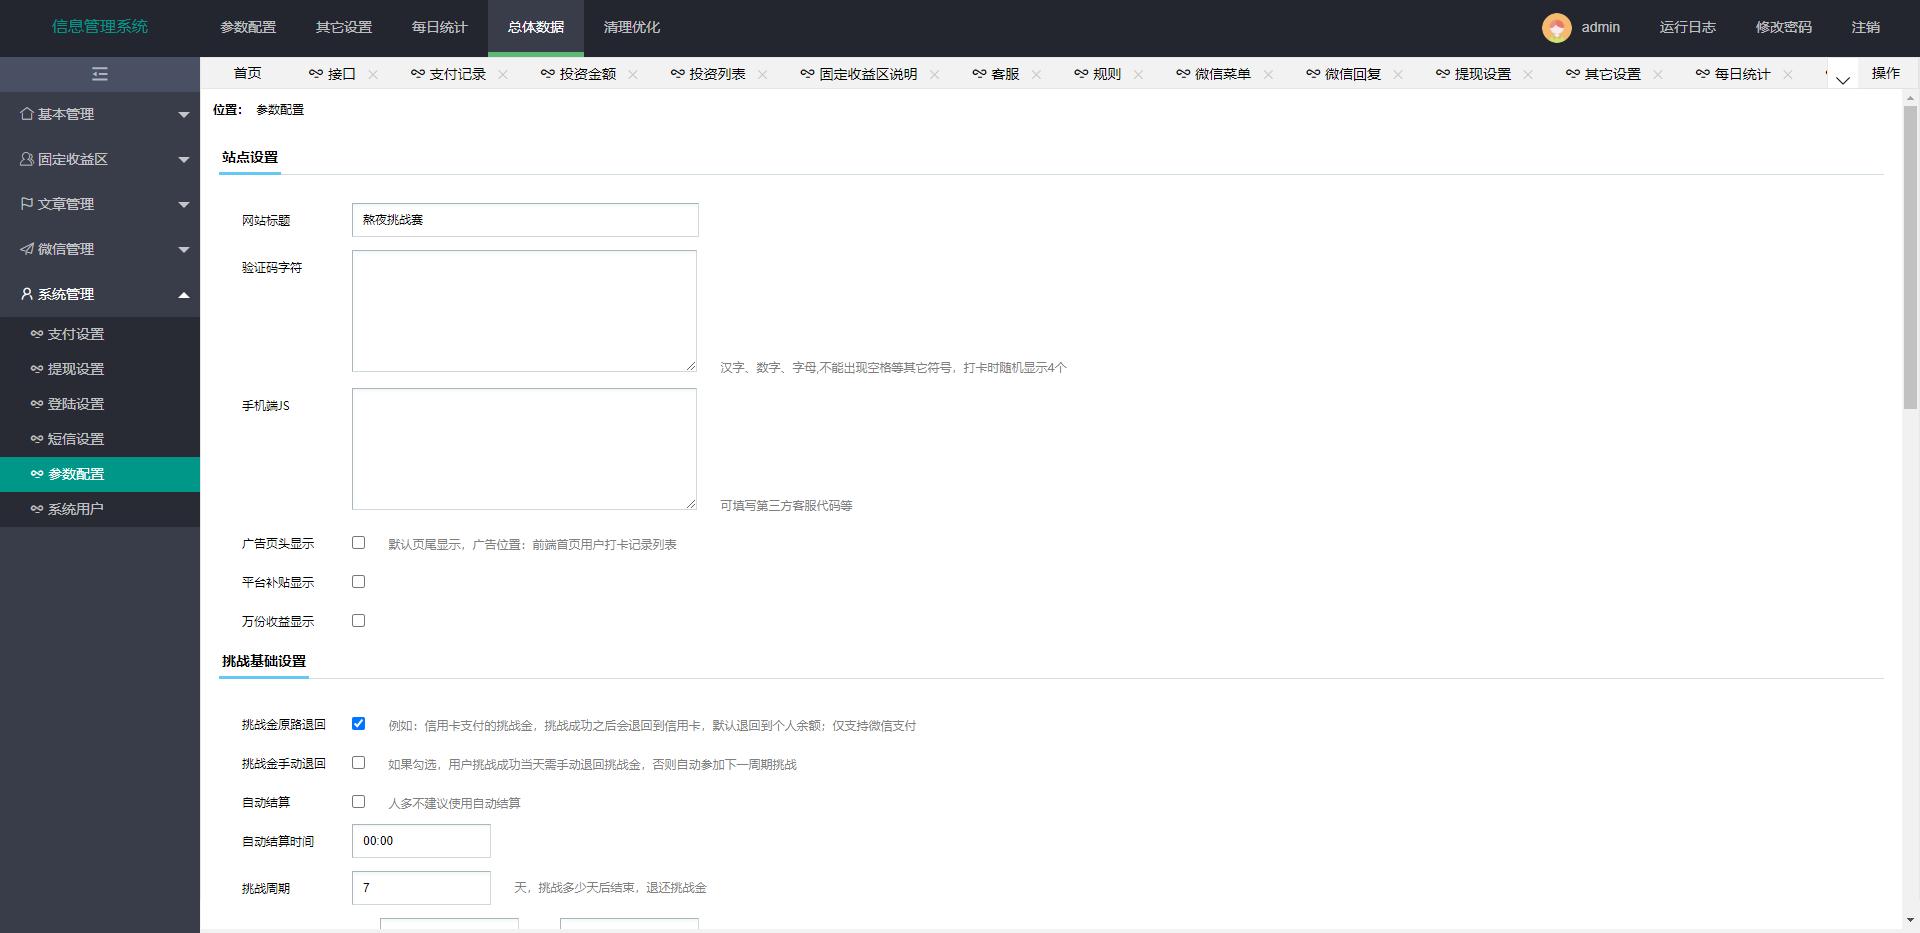 【打卡定制版】最新H5定制版早起打卡支付已接带完整搭建教程-找主题源码